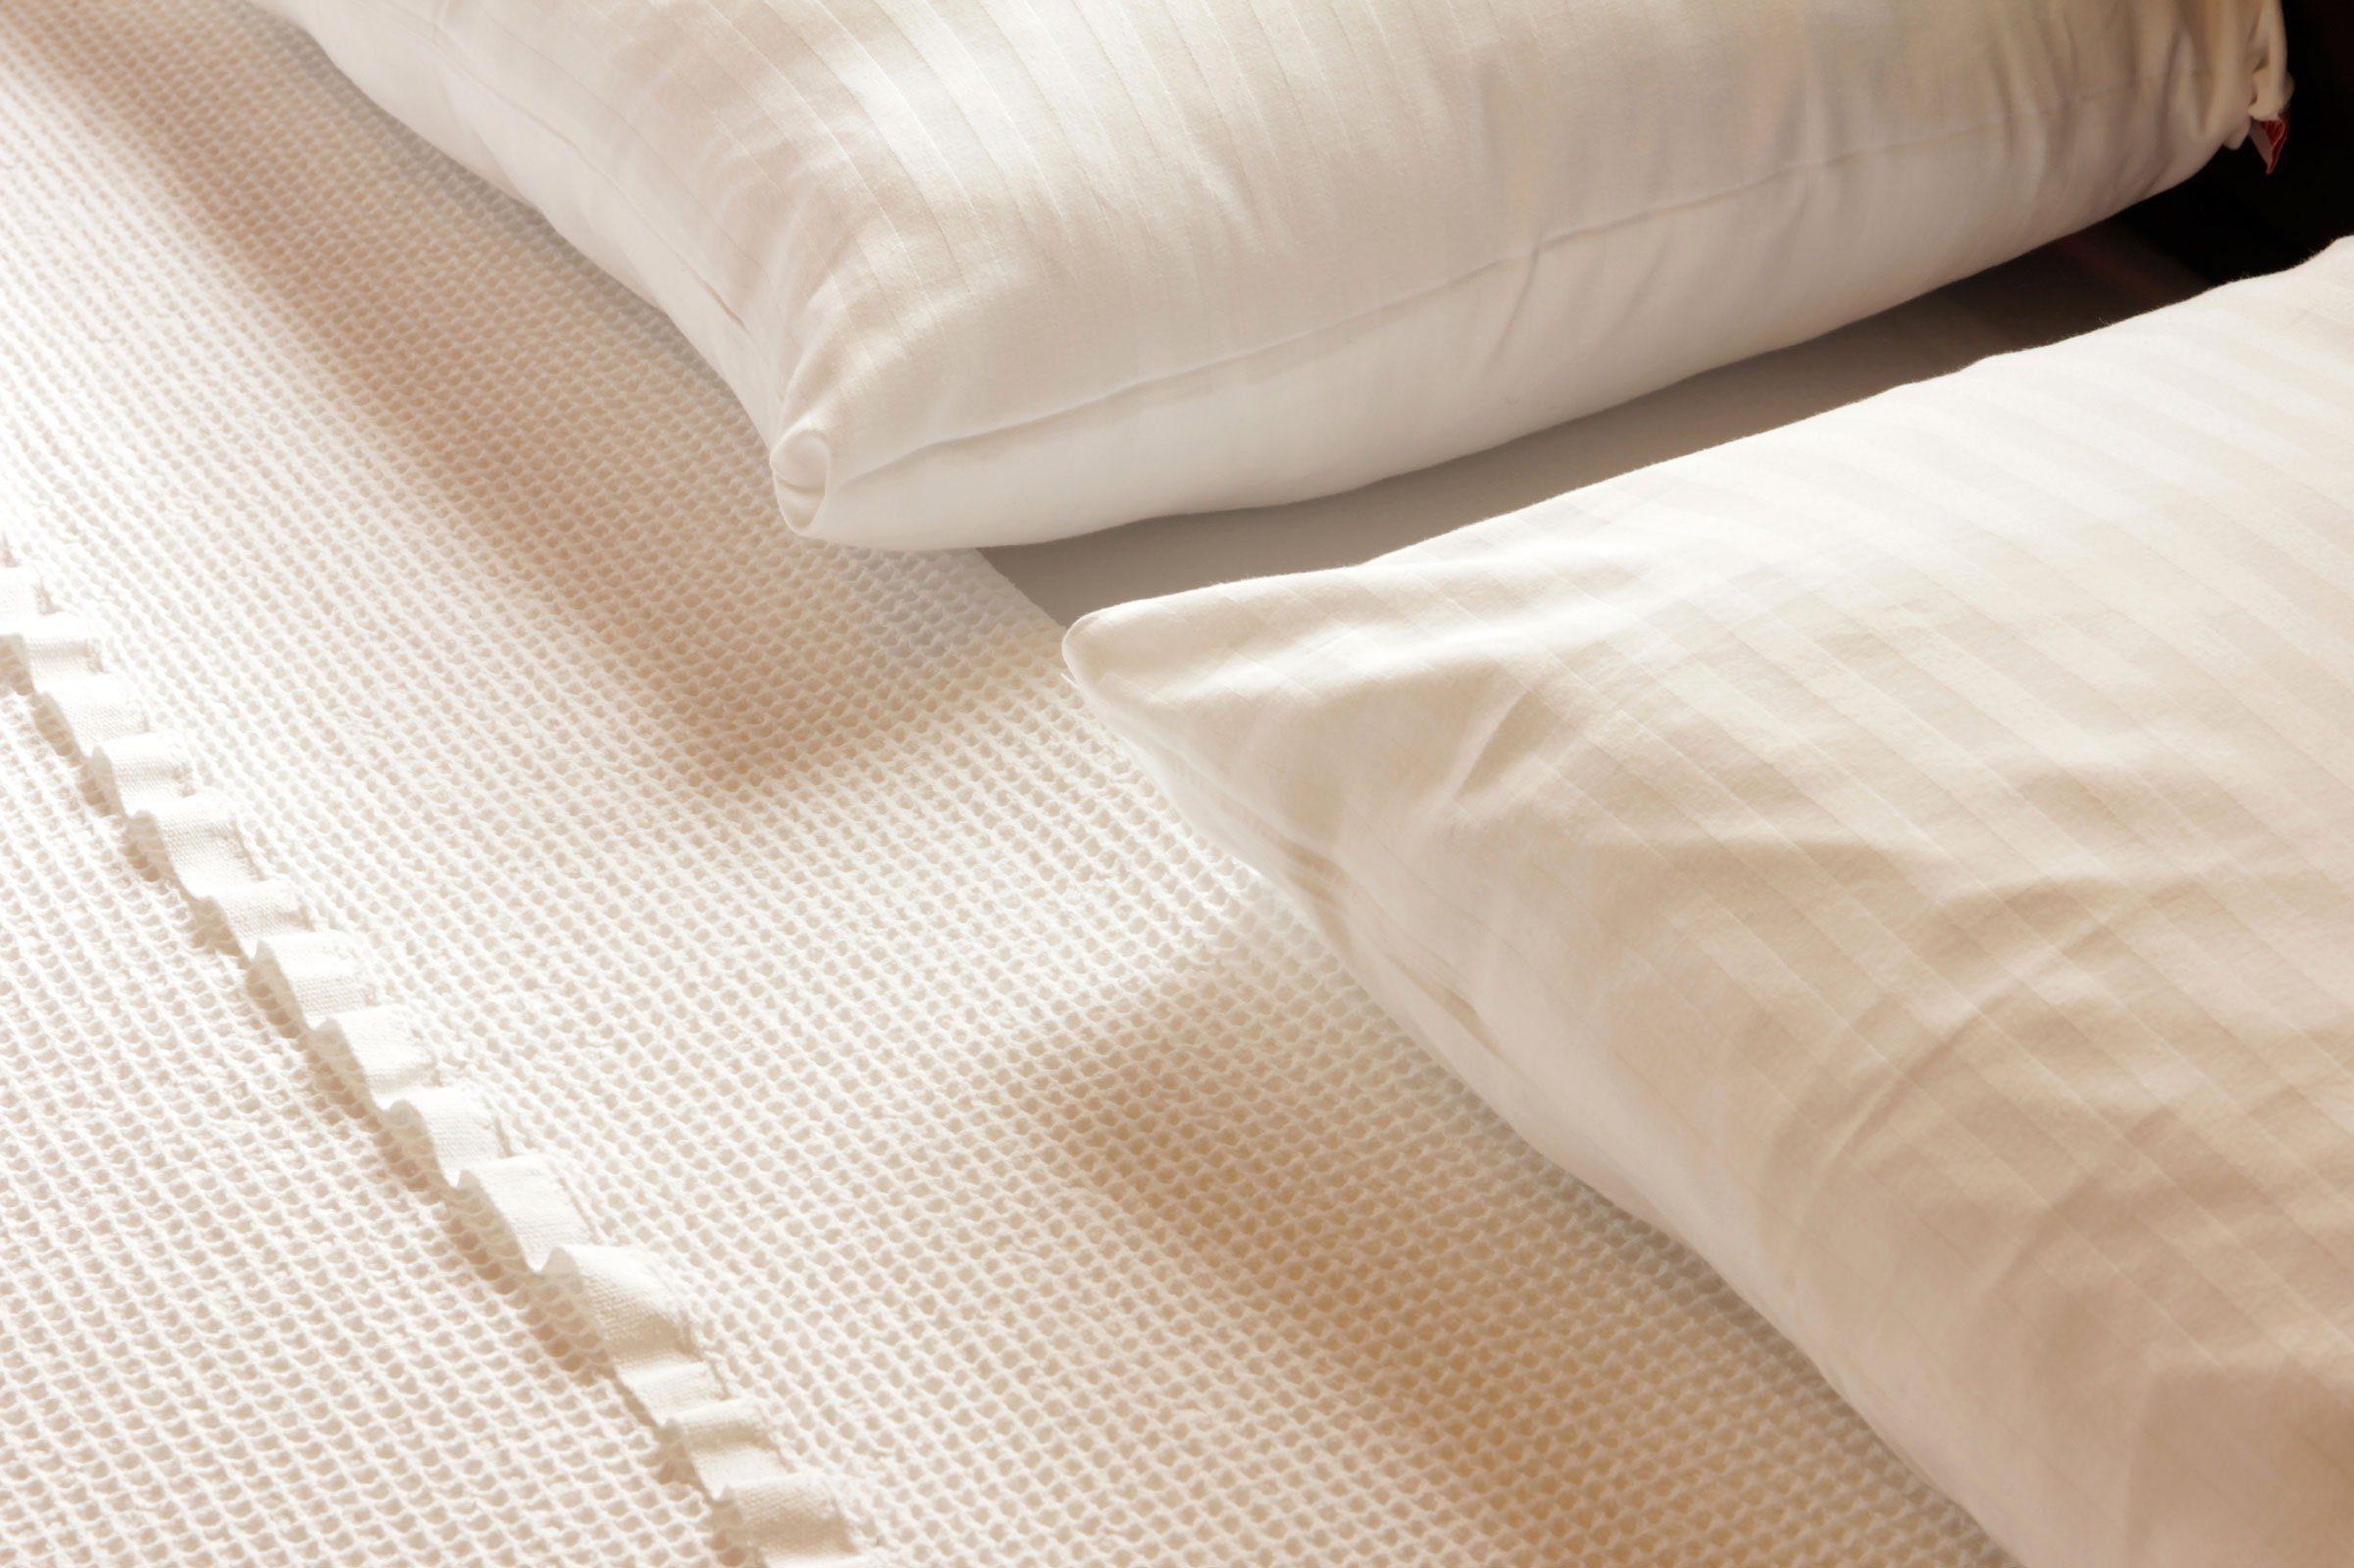 Dormir sur une taie d'oreiller de soie, pour prendre soin de votre peau